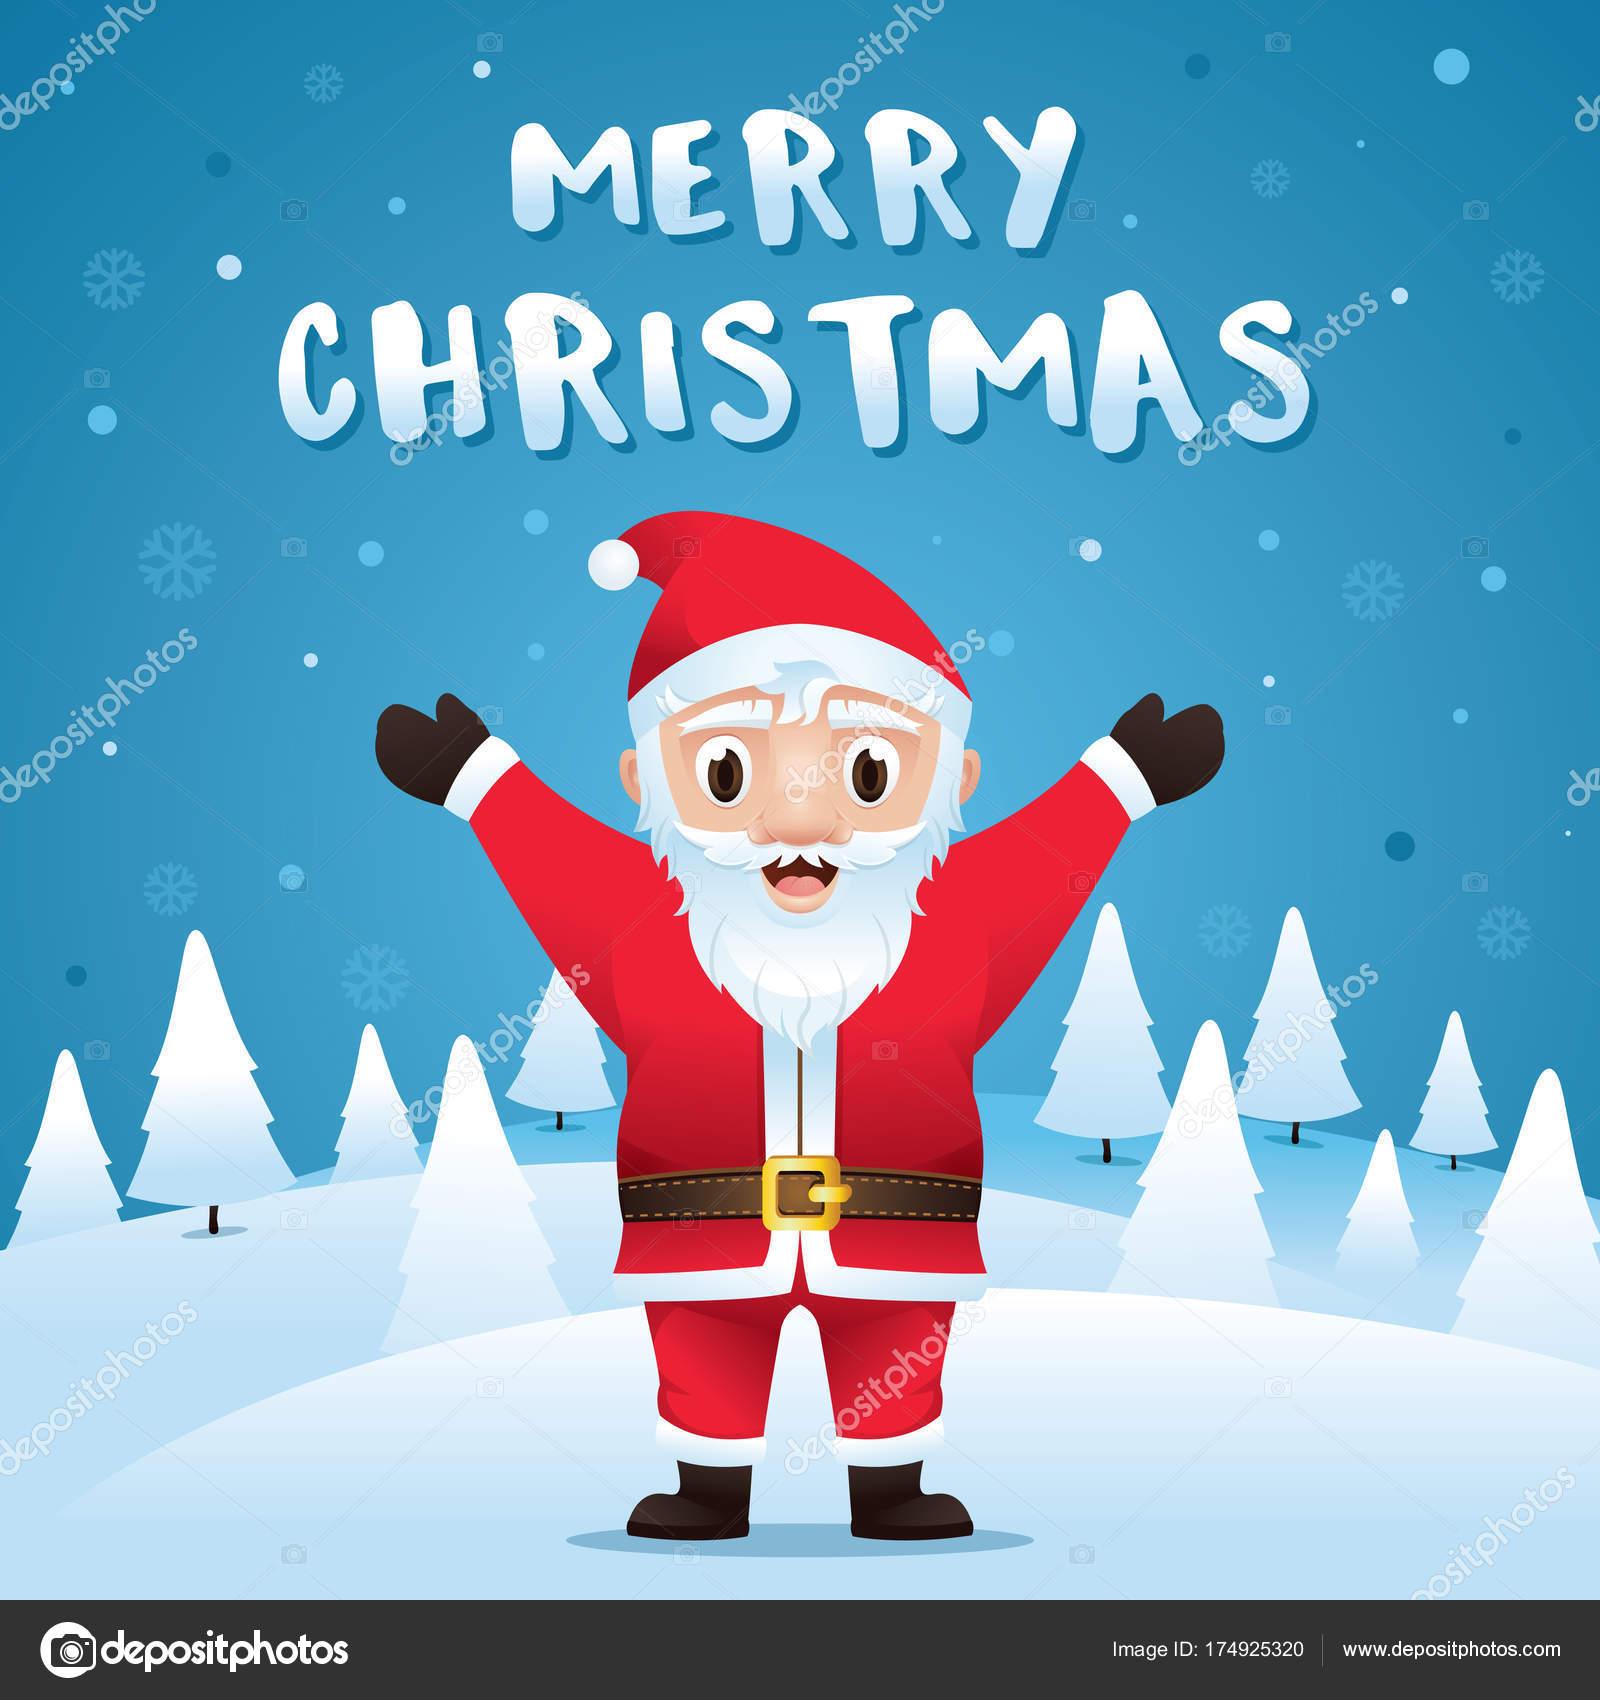 Frohe Weihnachten Weihnachtsmann Schnee Weihnachtsszene Weihnachten ...